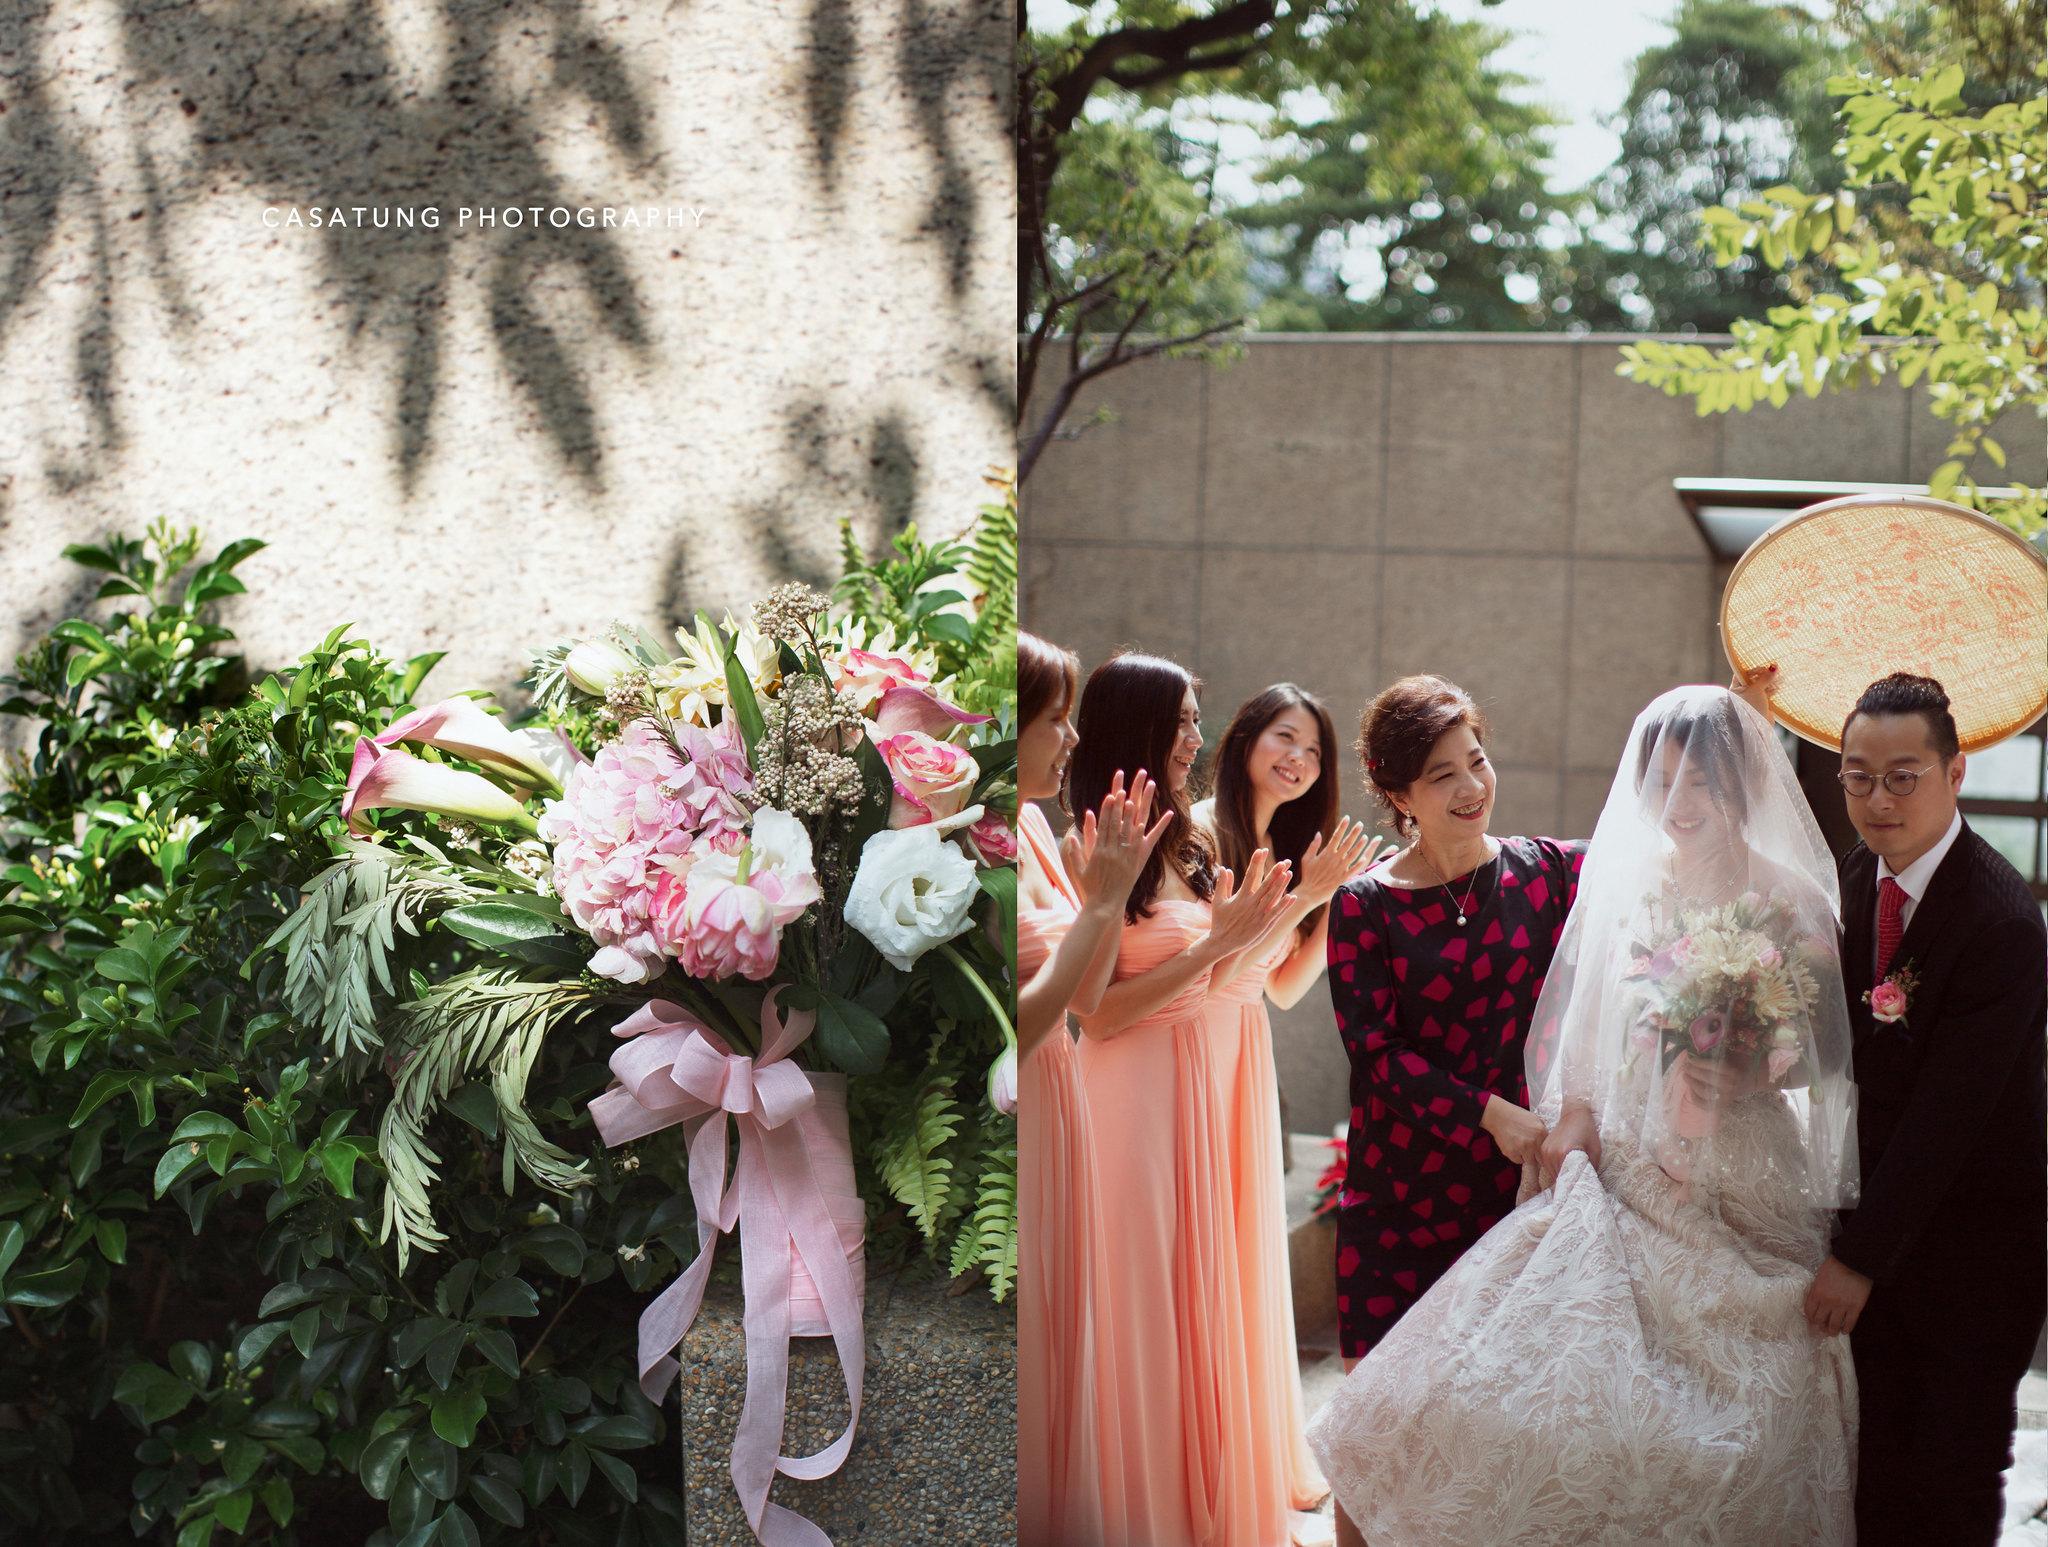 台中自助婚紗,旋轉木馬,casatung,心之芳庭,婚攝casa-109-1